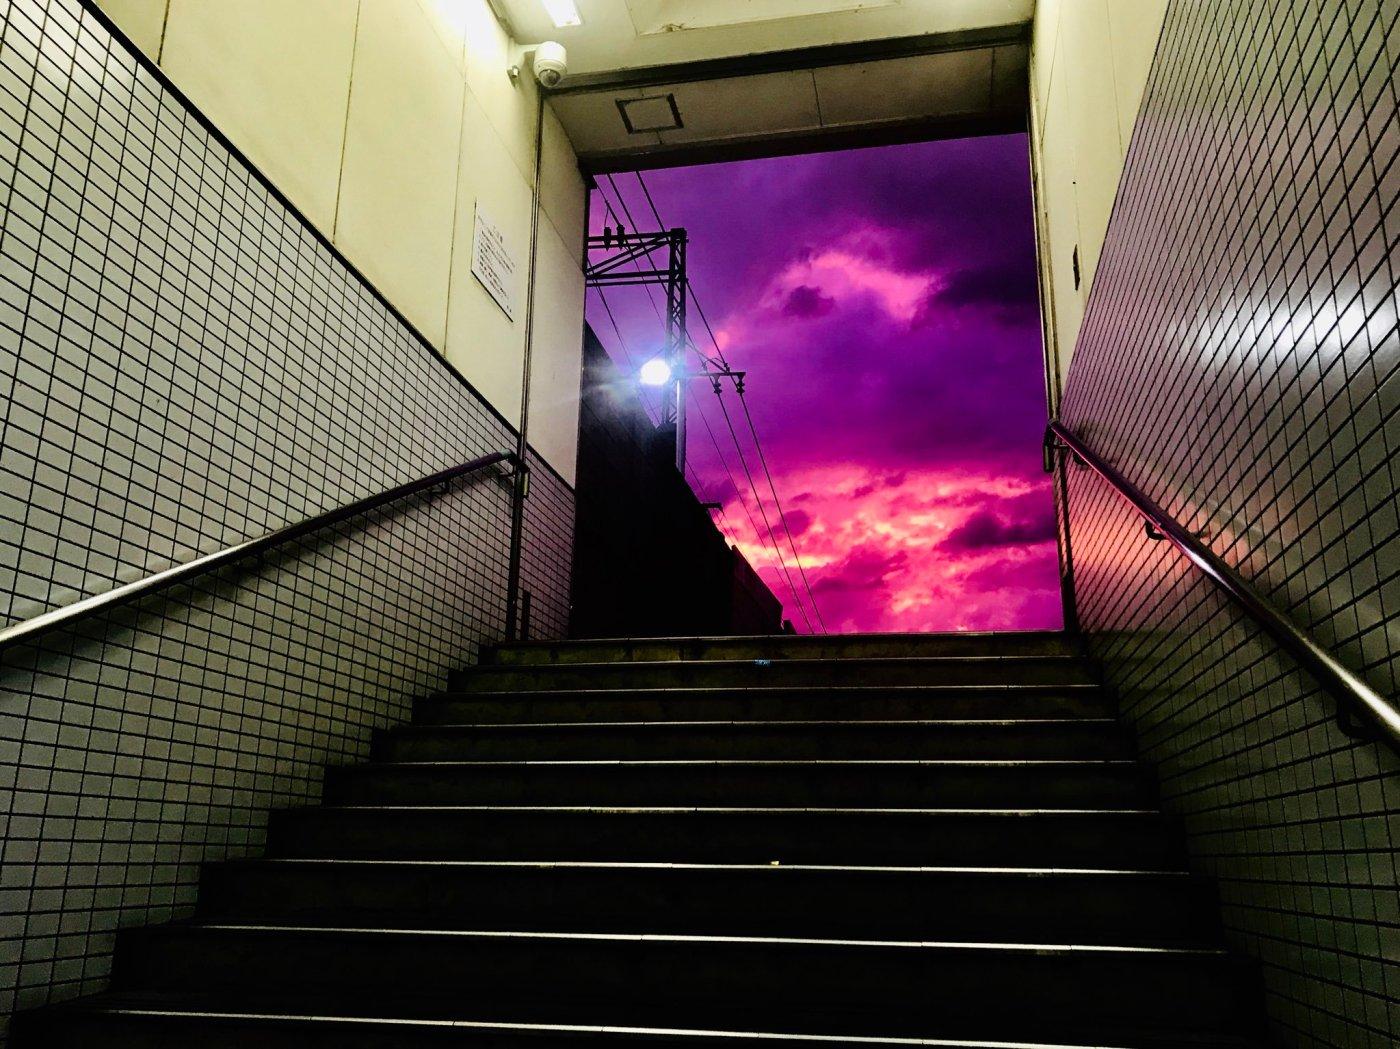 ciel-violet-typhon-hagibis-japon-222.jpe